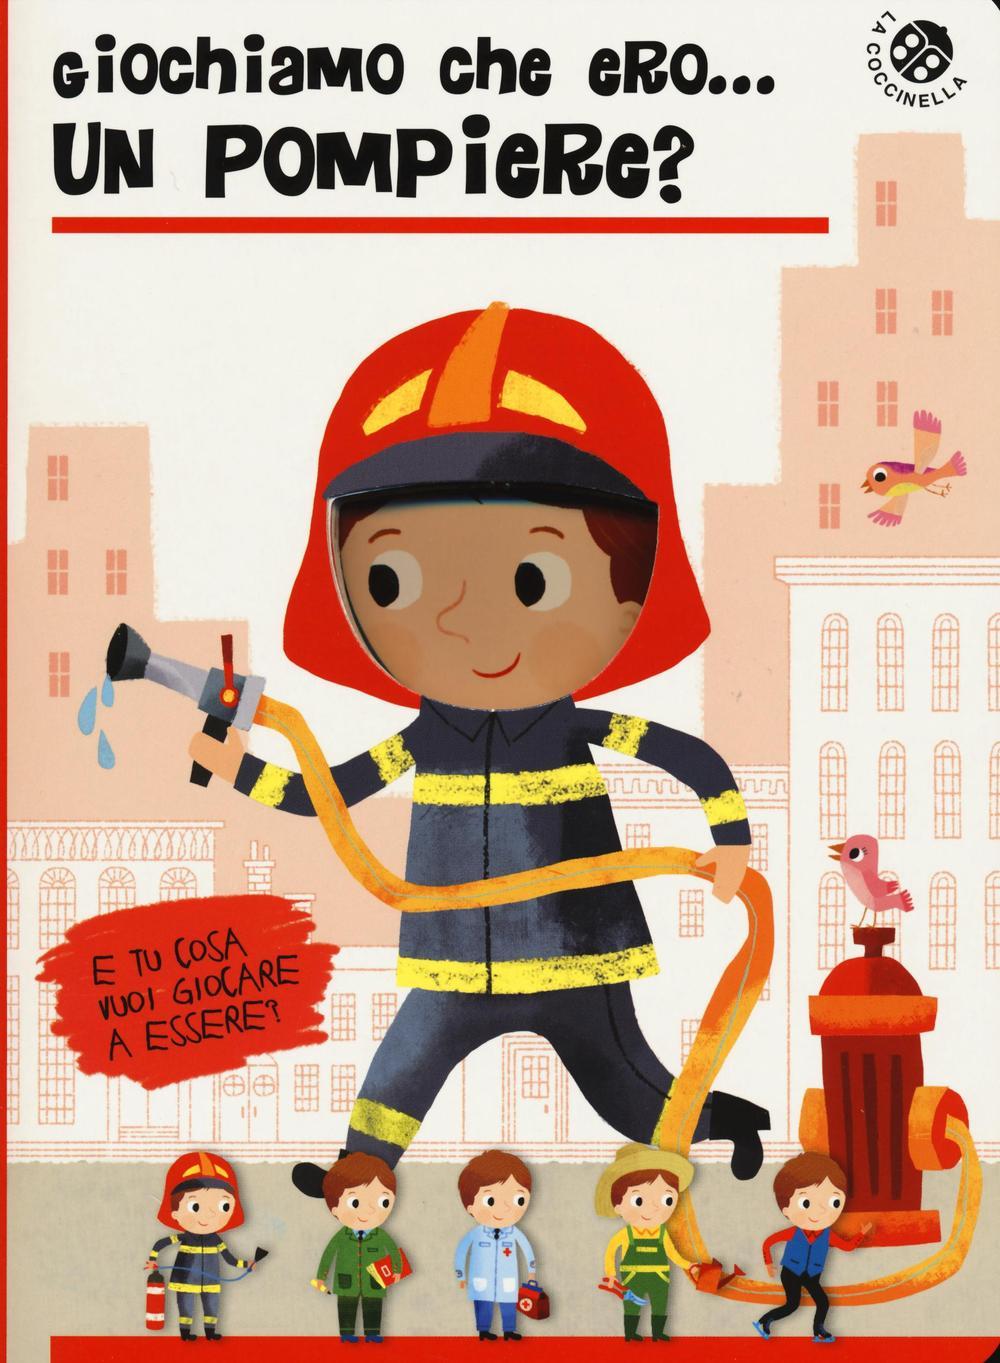 Image of Giochiamo che ero... un pompiere?